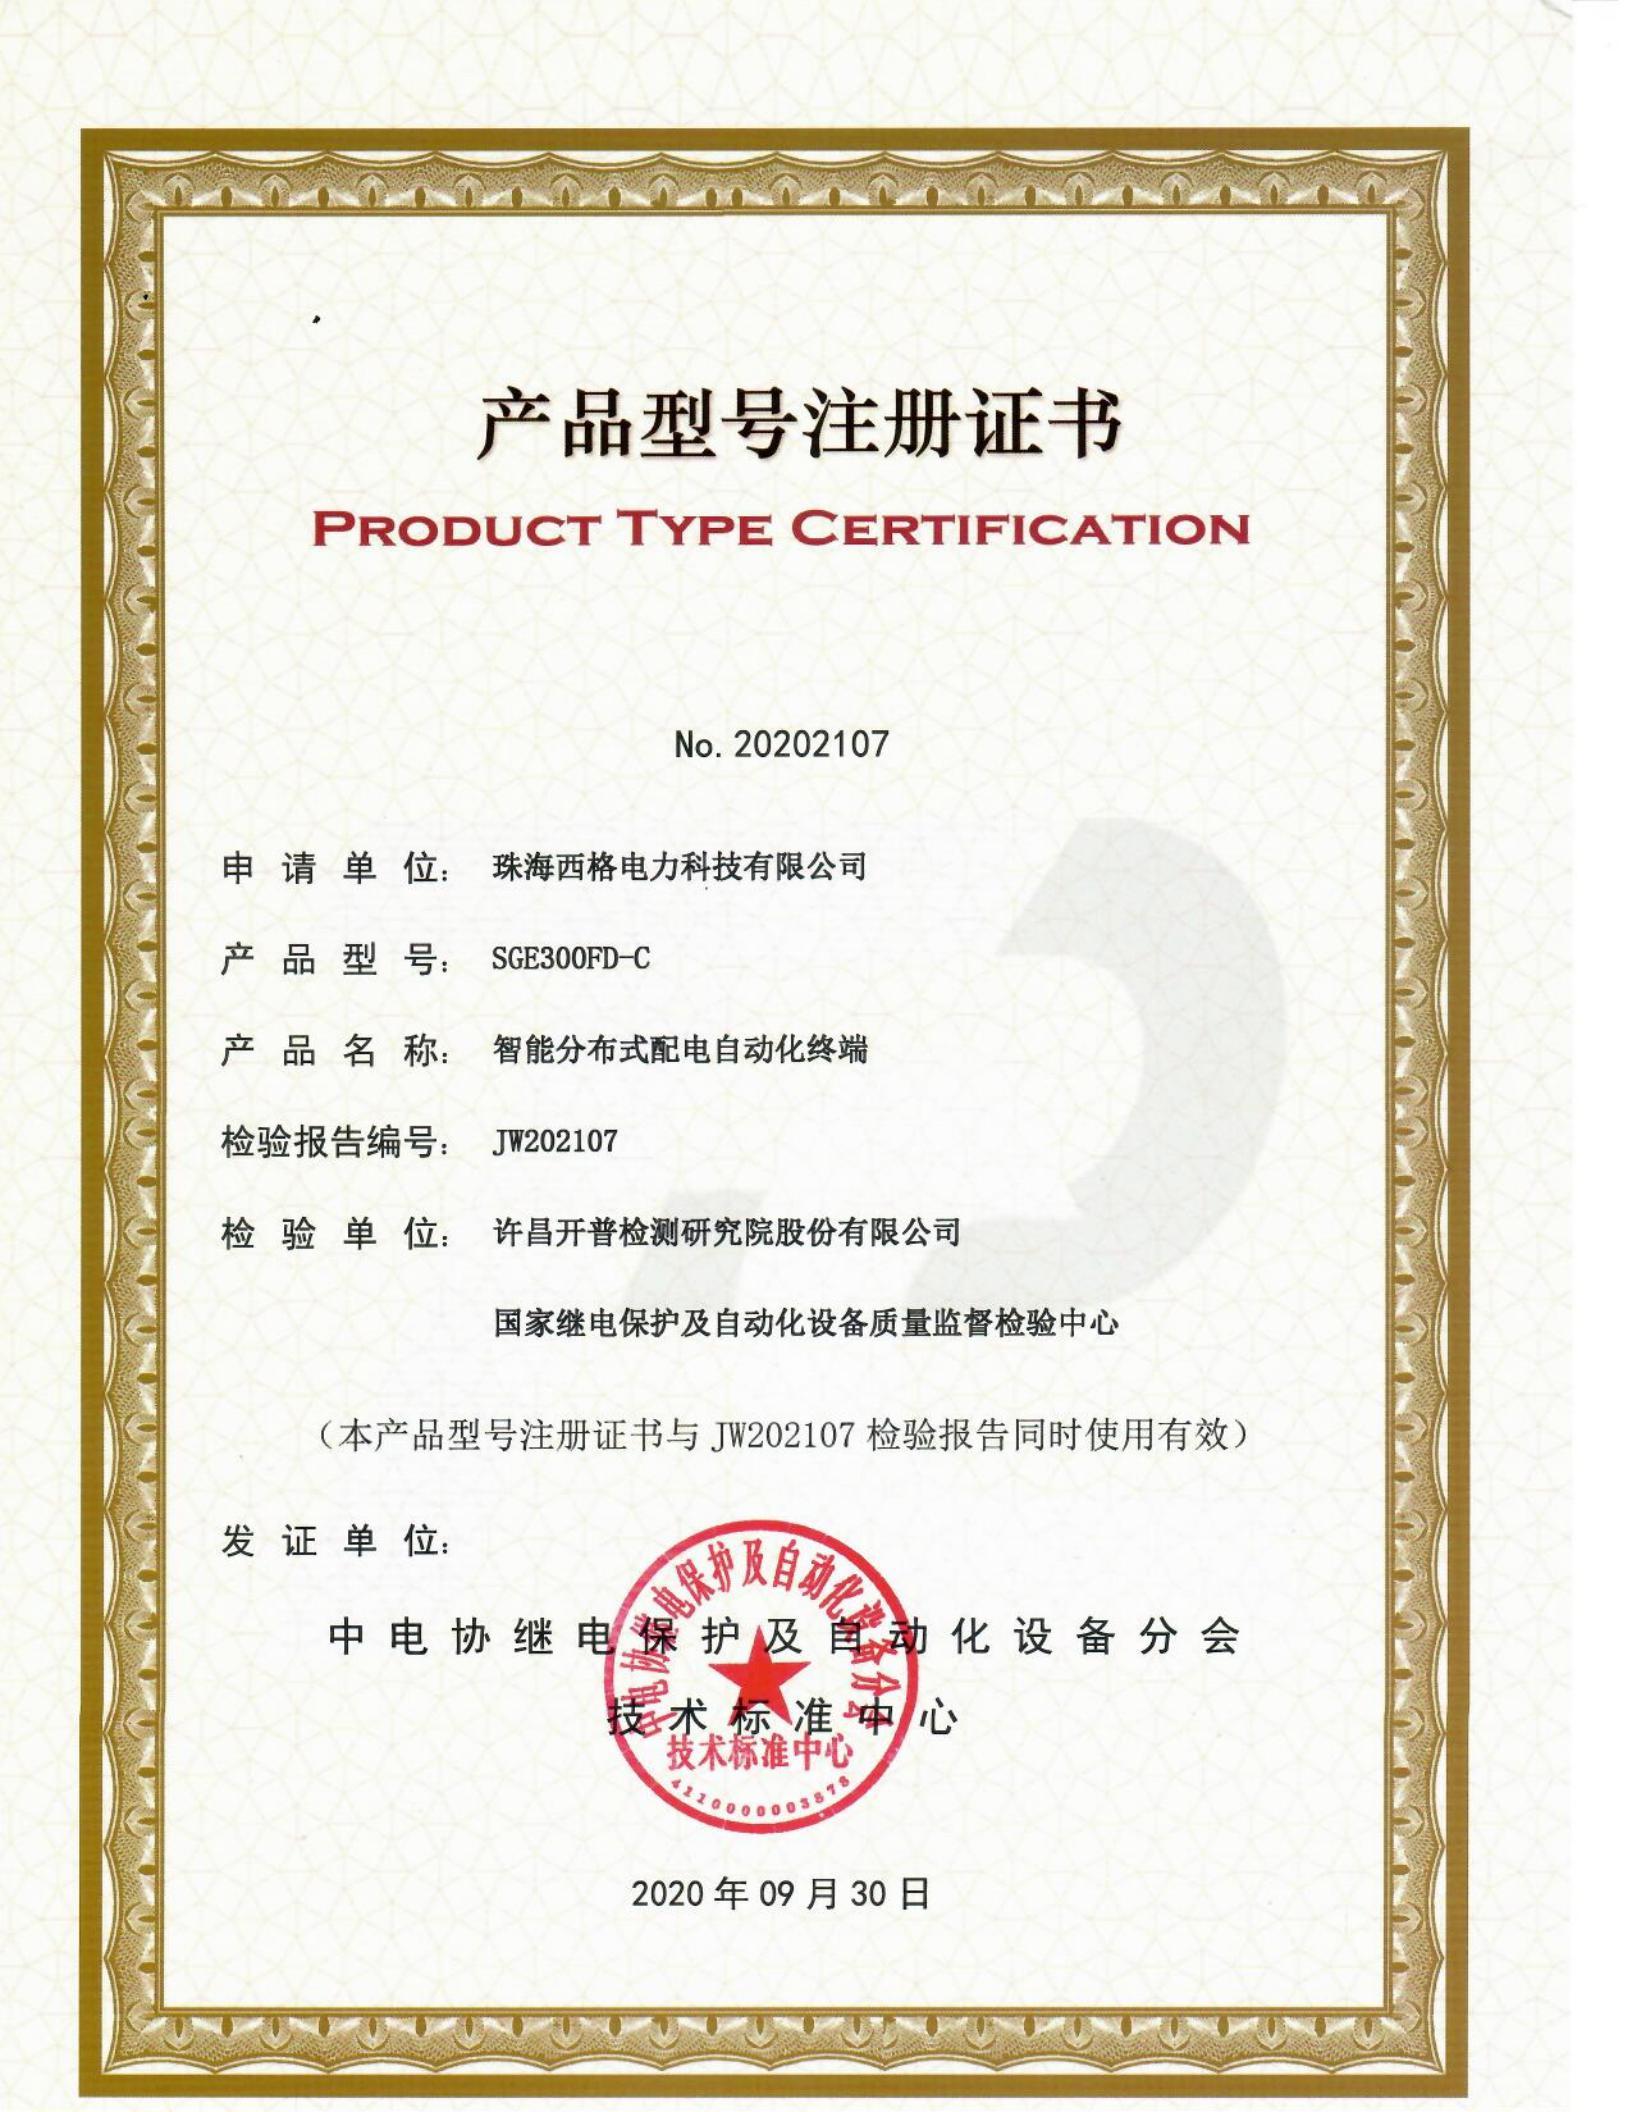 分布式DTU产品型号证书